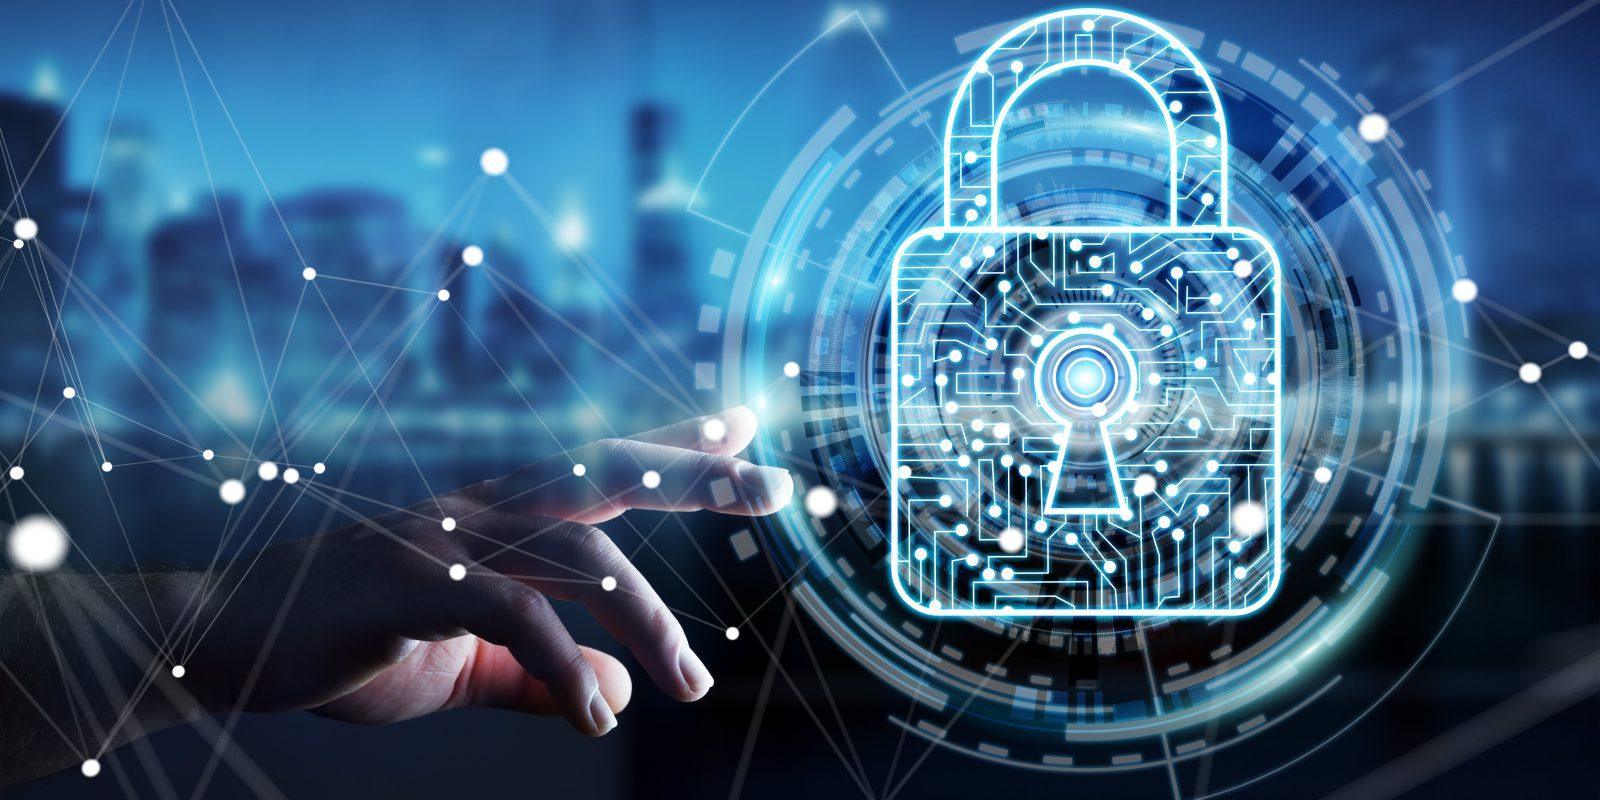 Bezpieczeństwo jest kluczem, czyli kilka słów o e-Archiwizacji